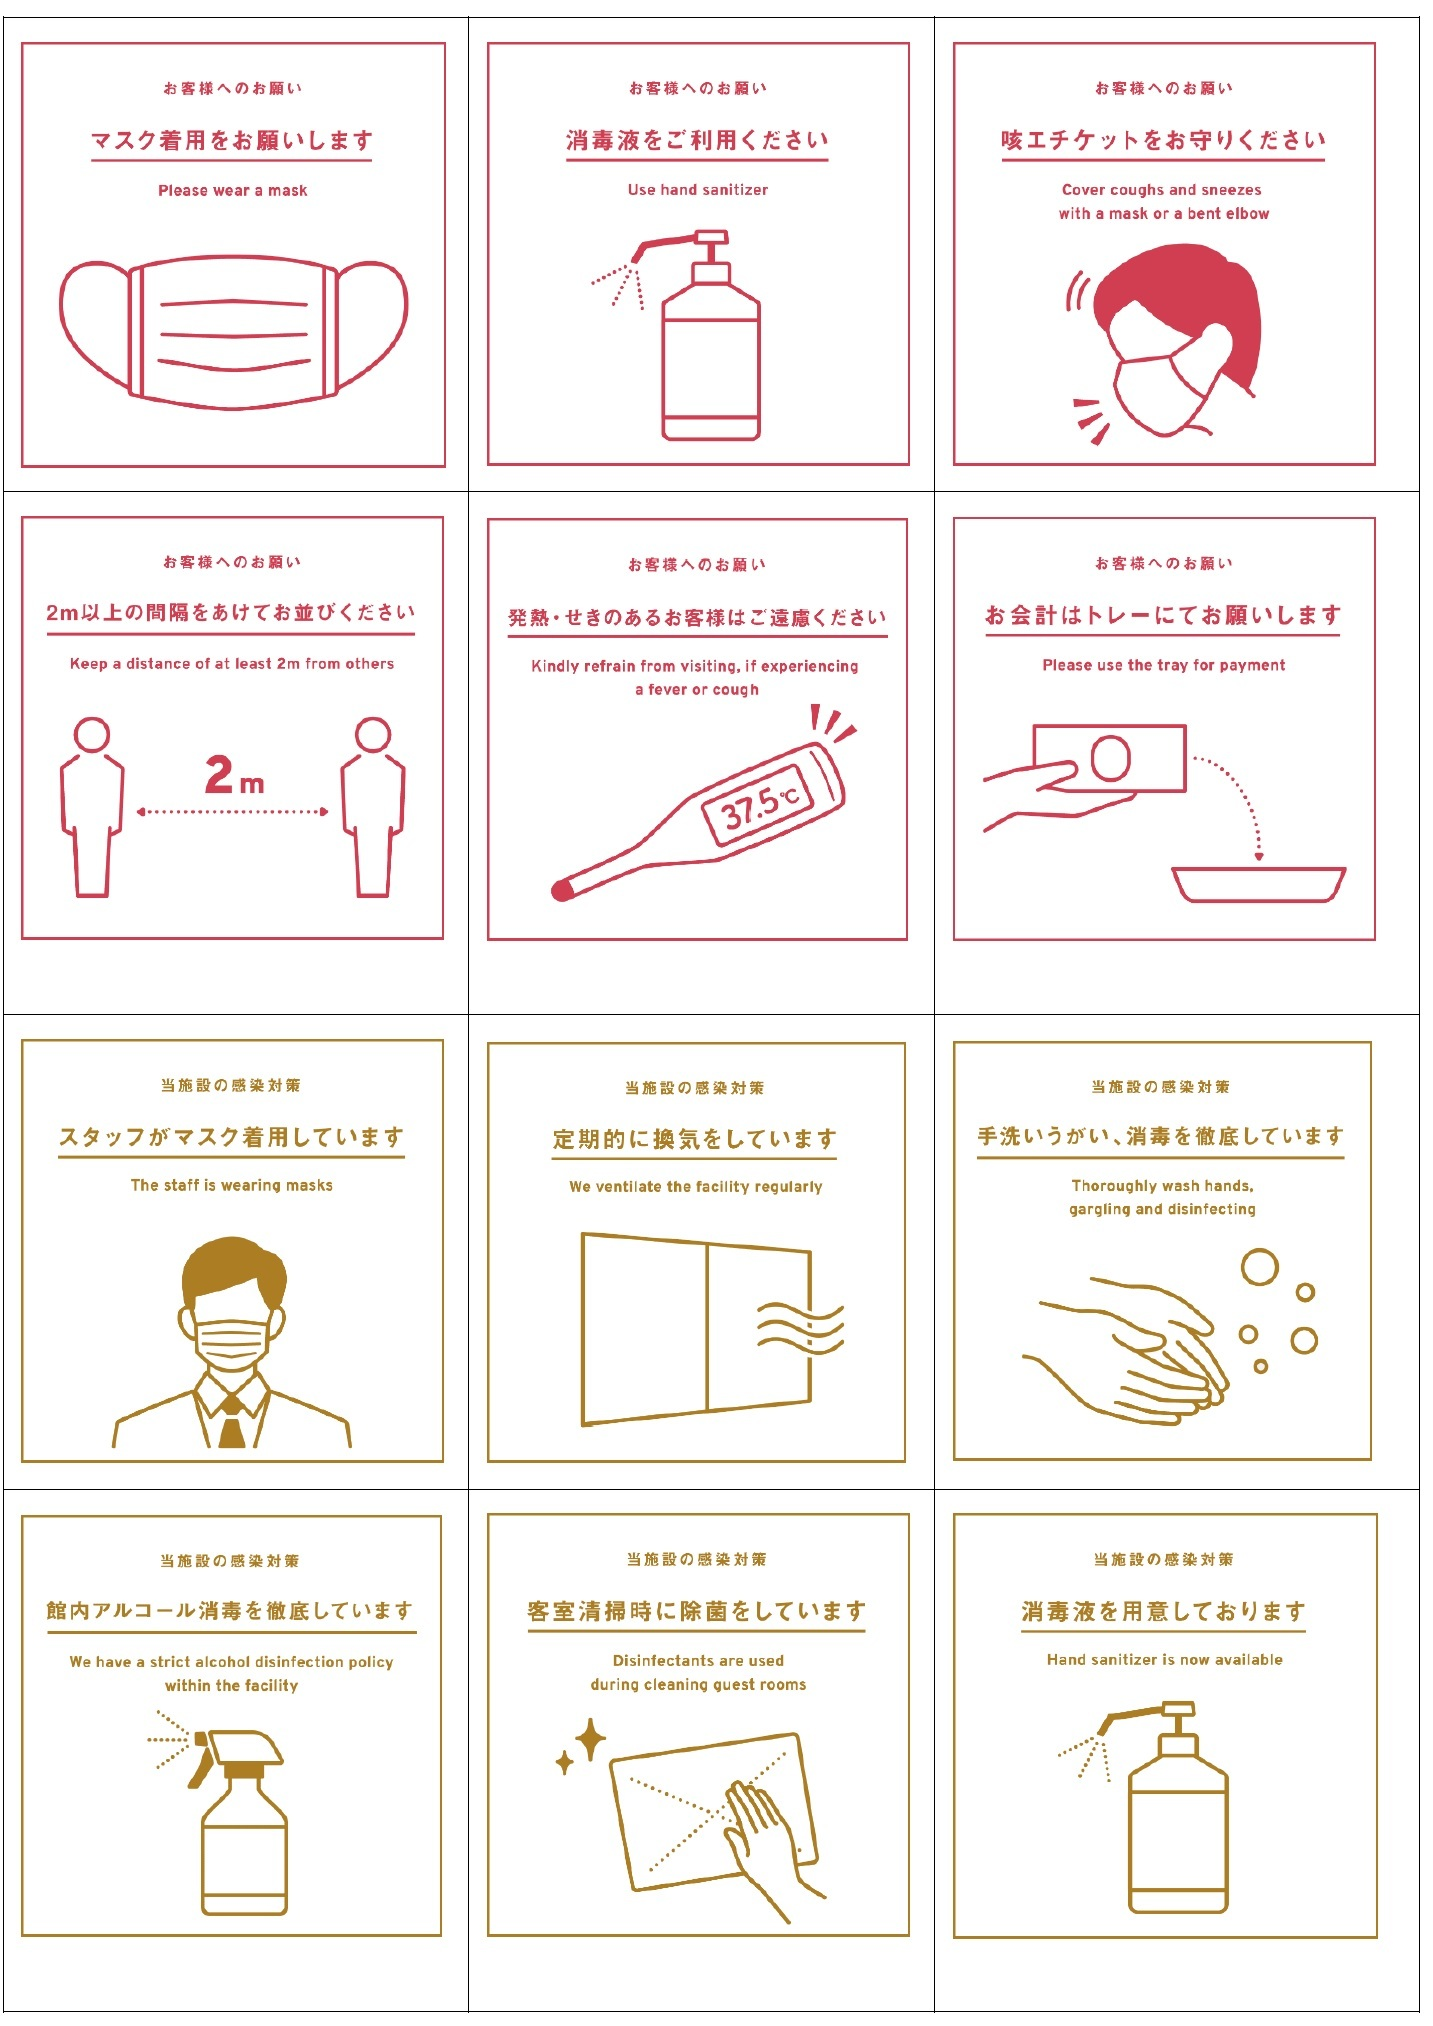 瀬戸パークホテル コロナウイルス対策について_b0164894_22152361.jpg